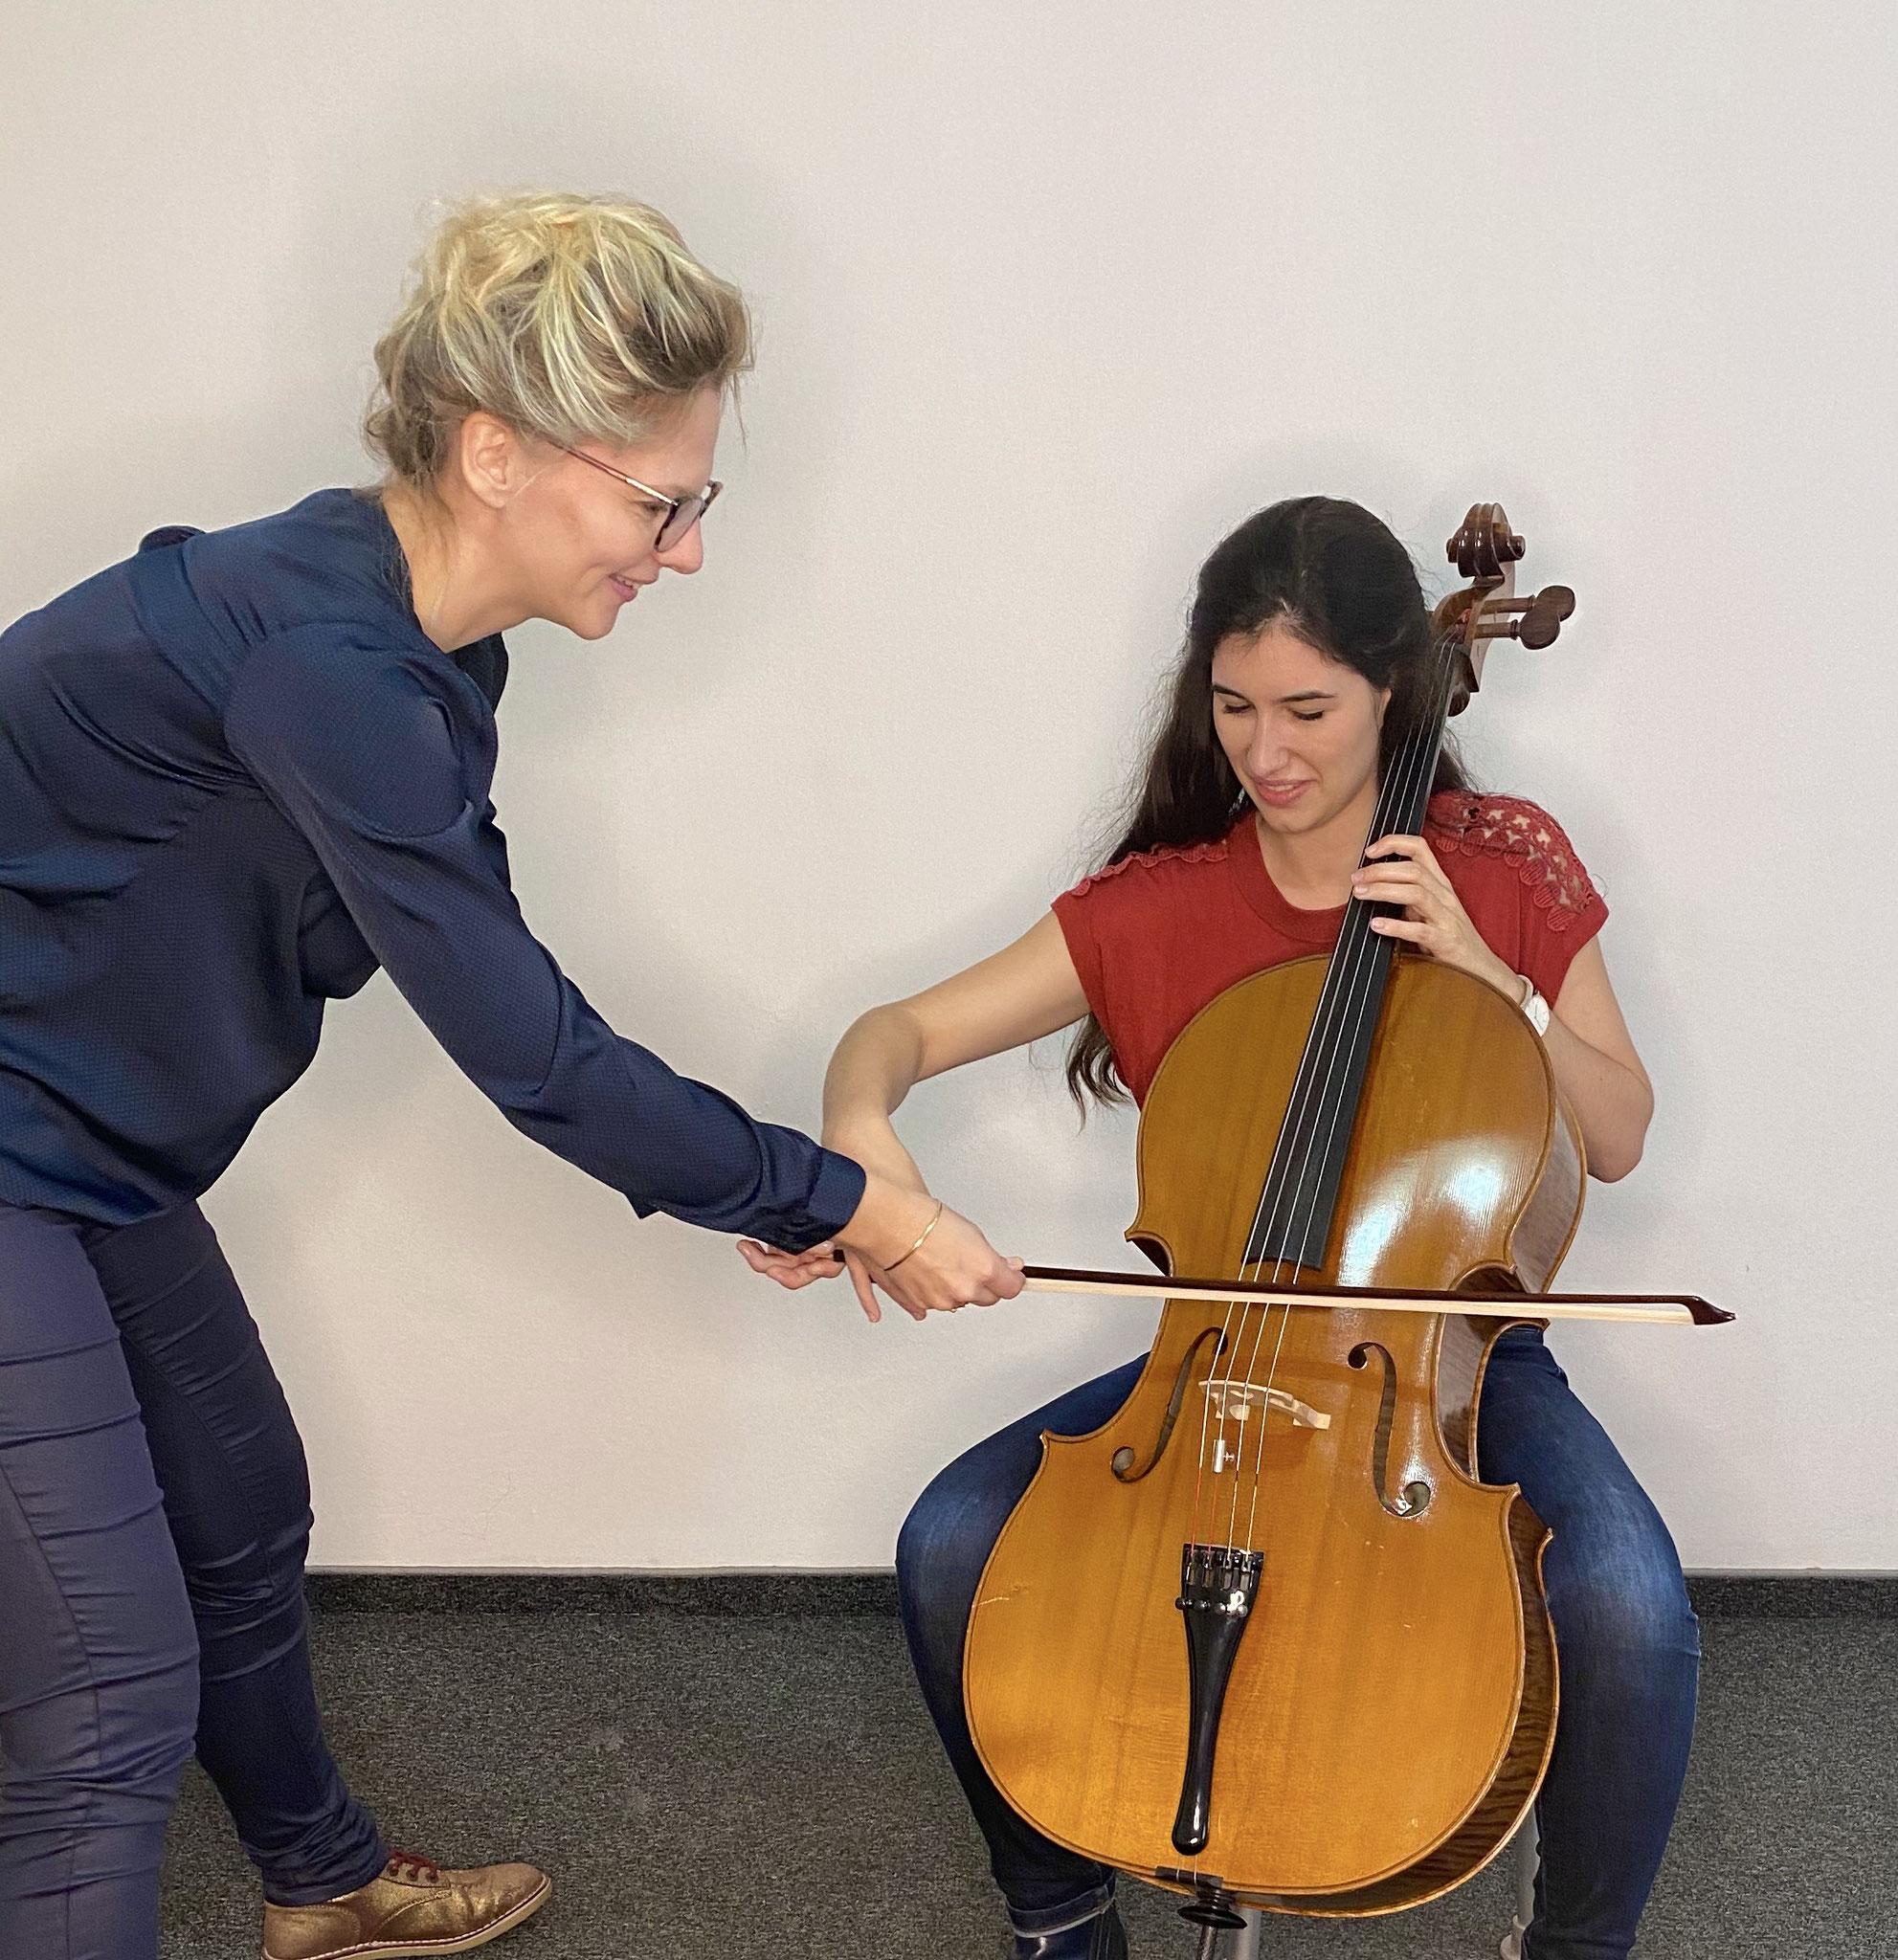 débuter le violoncelle en étant adulte